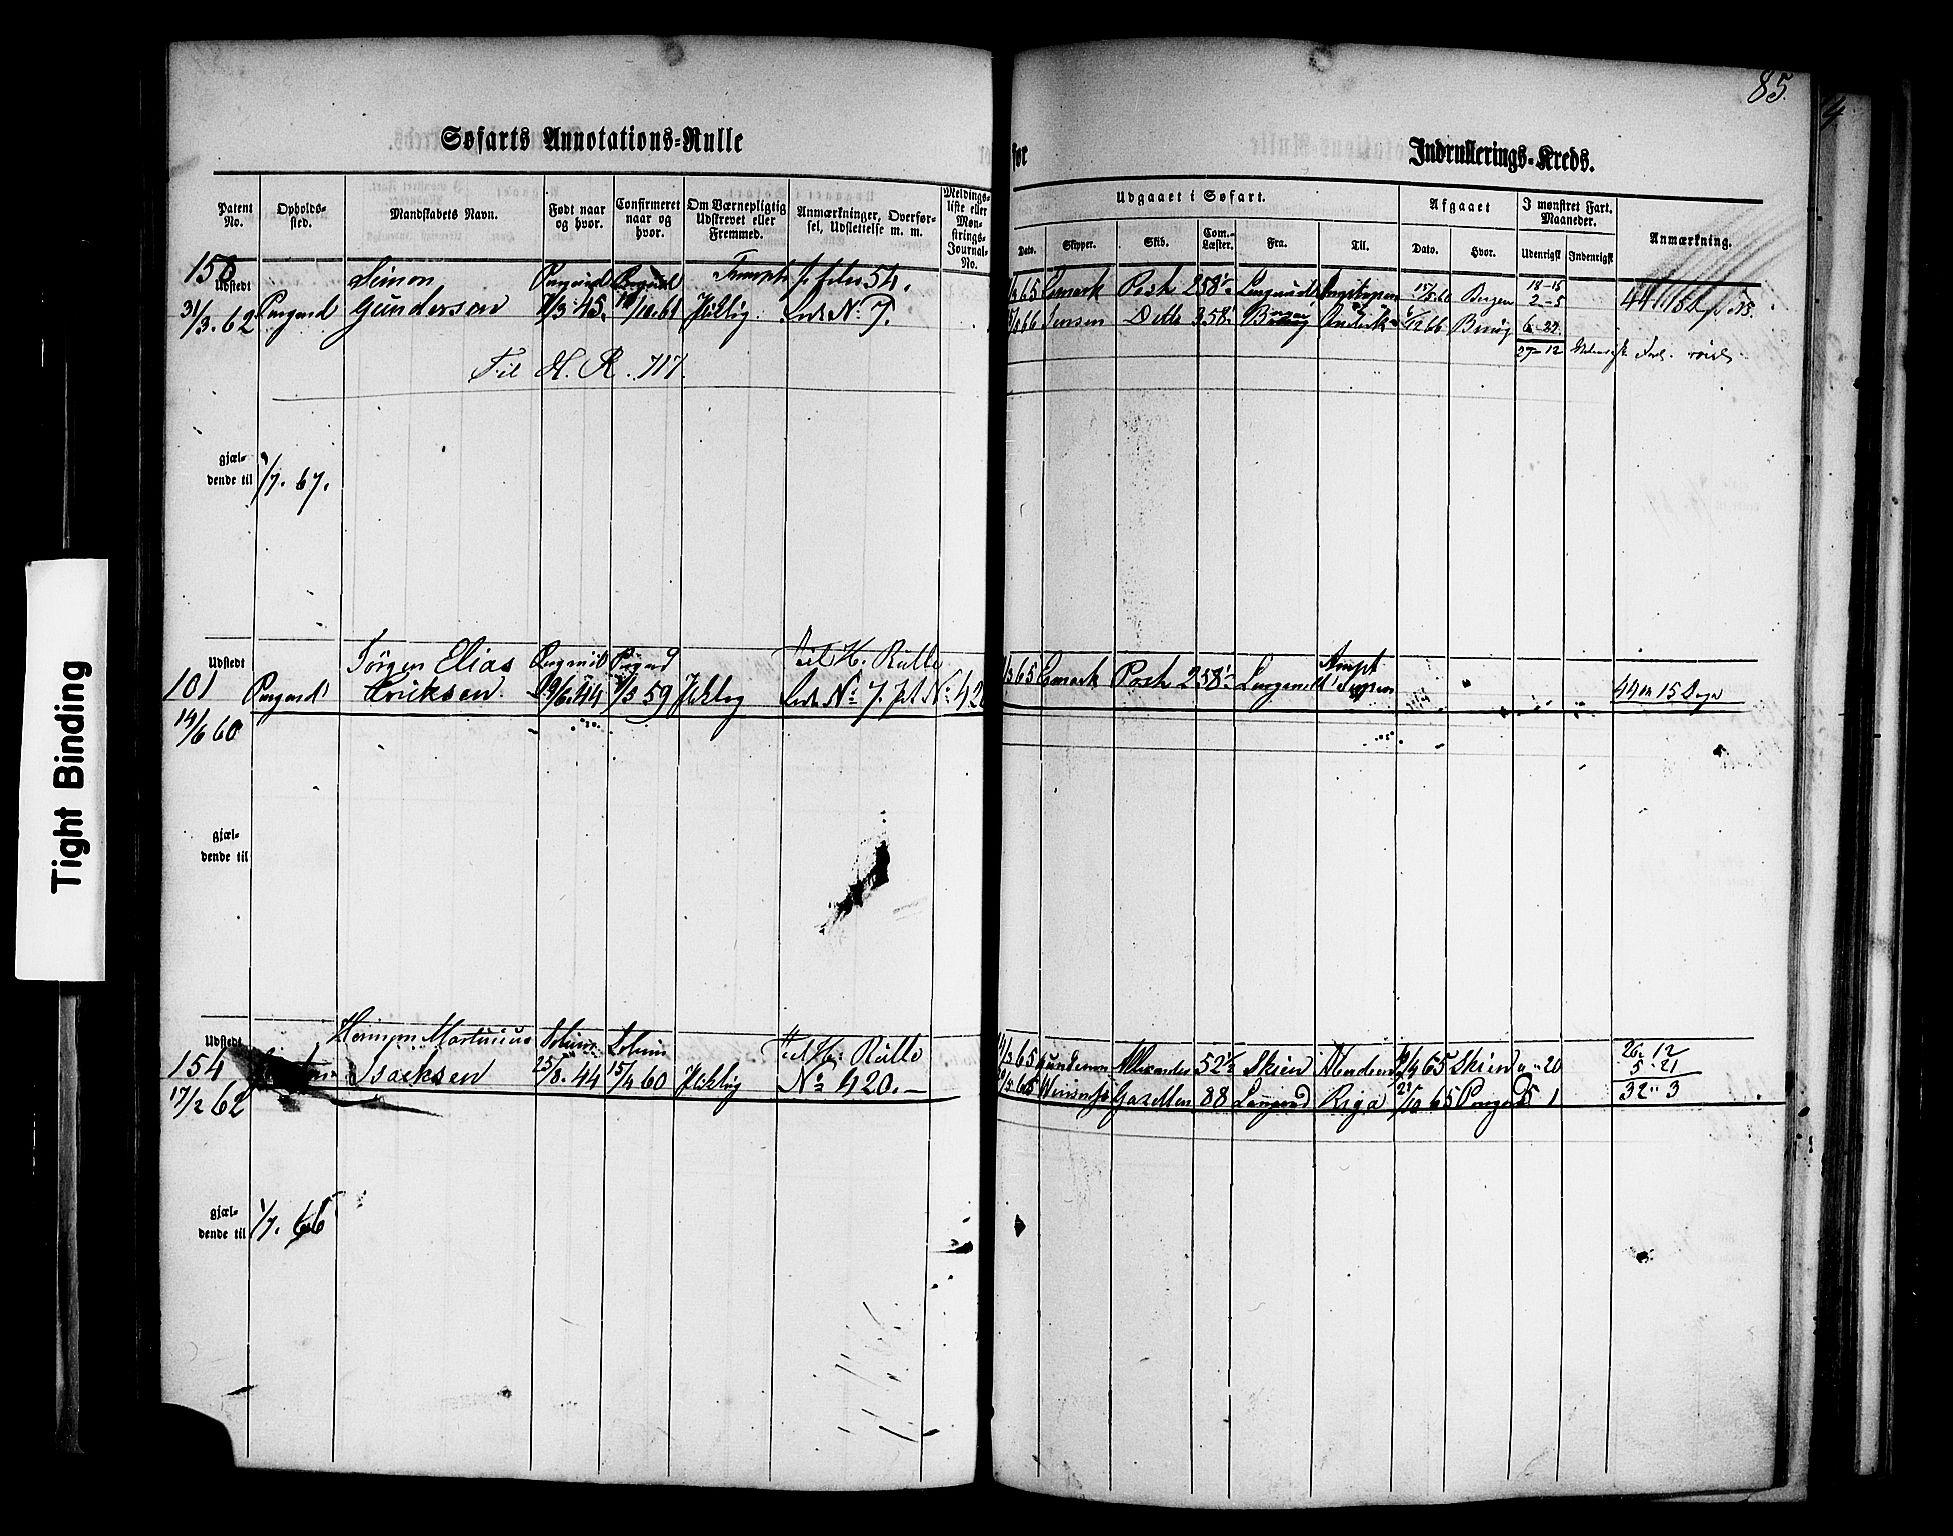 SAKO, Porsgrunn innrulleringskontor, F/Fb/L0001: Annotasjonsrulle, 1860-1868, s. 114